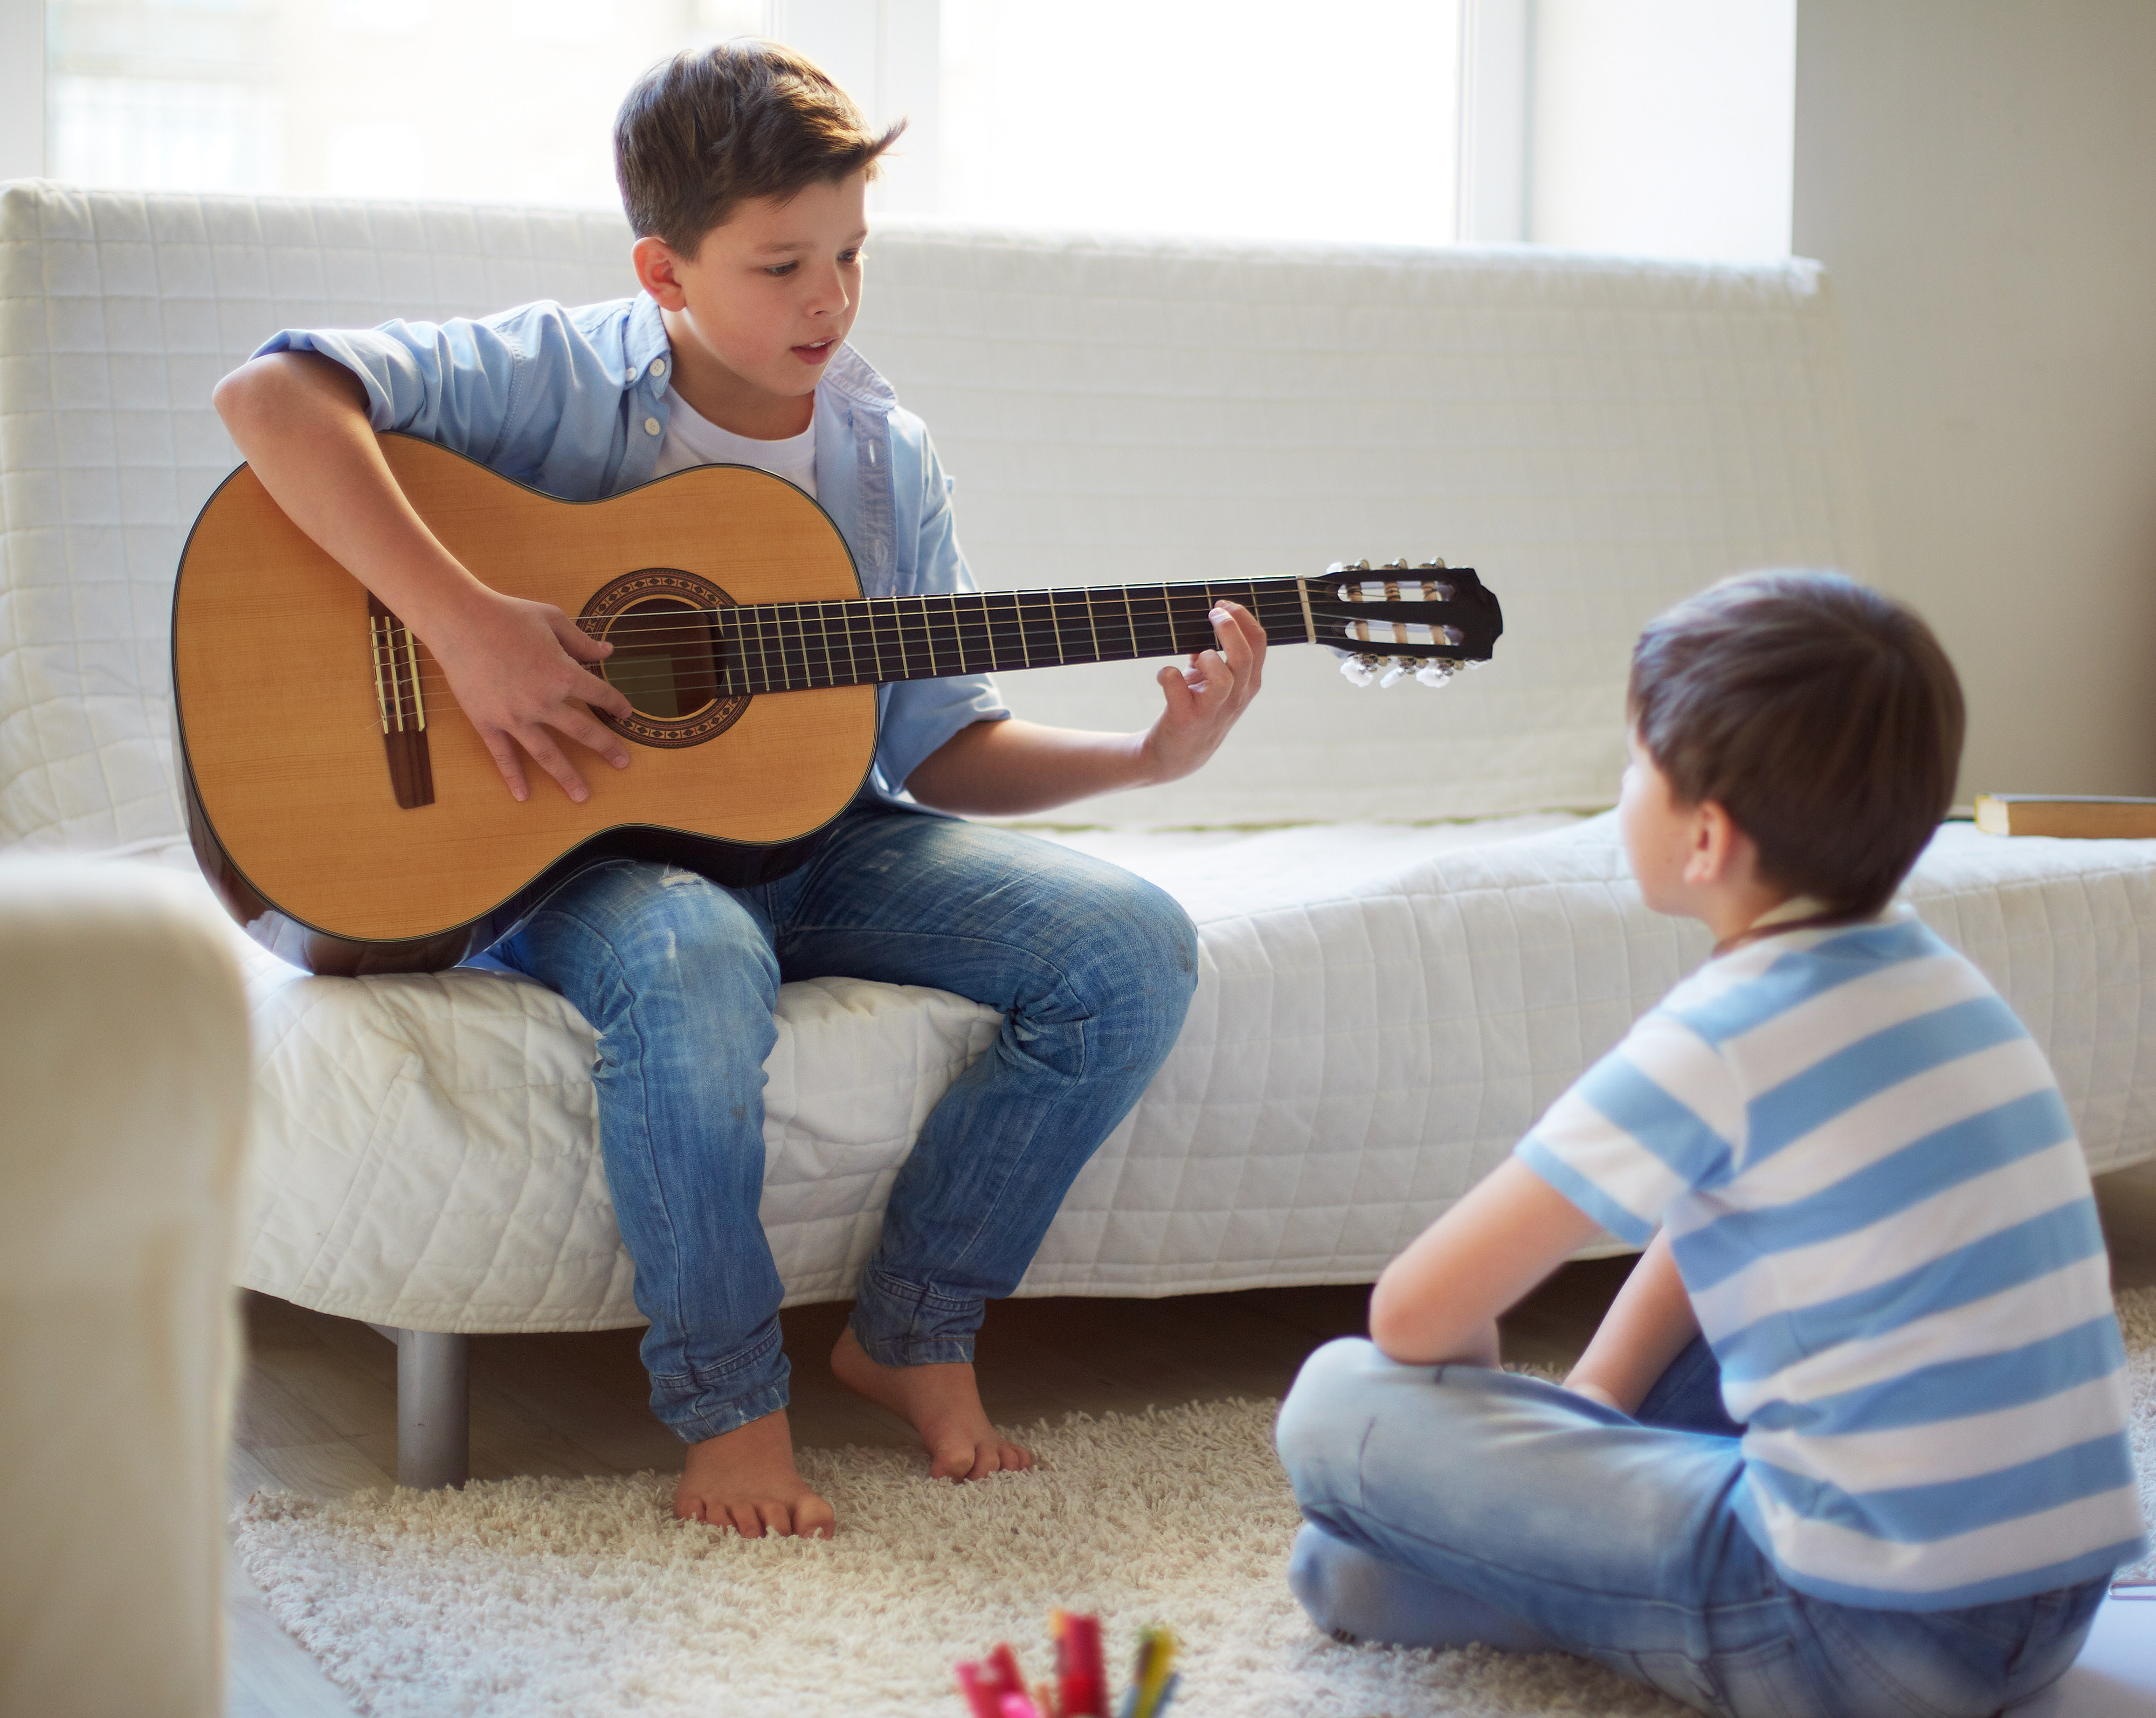 garoto bonito tocando guitarra1-editado